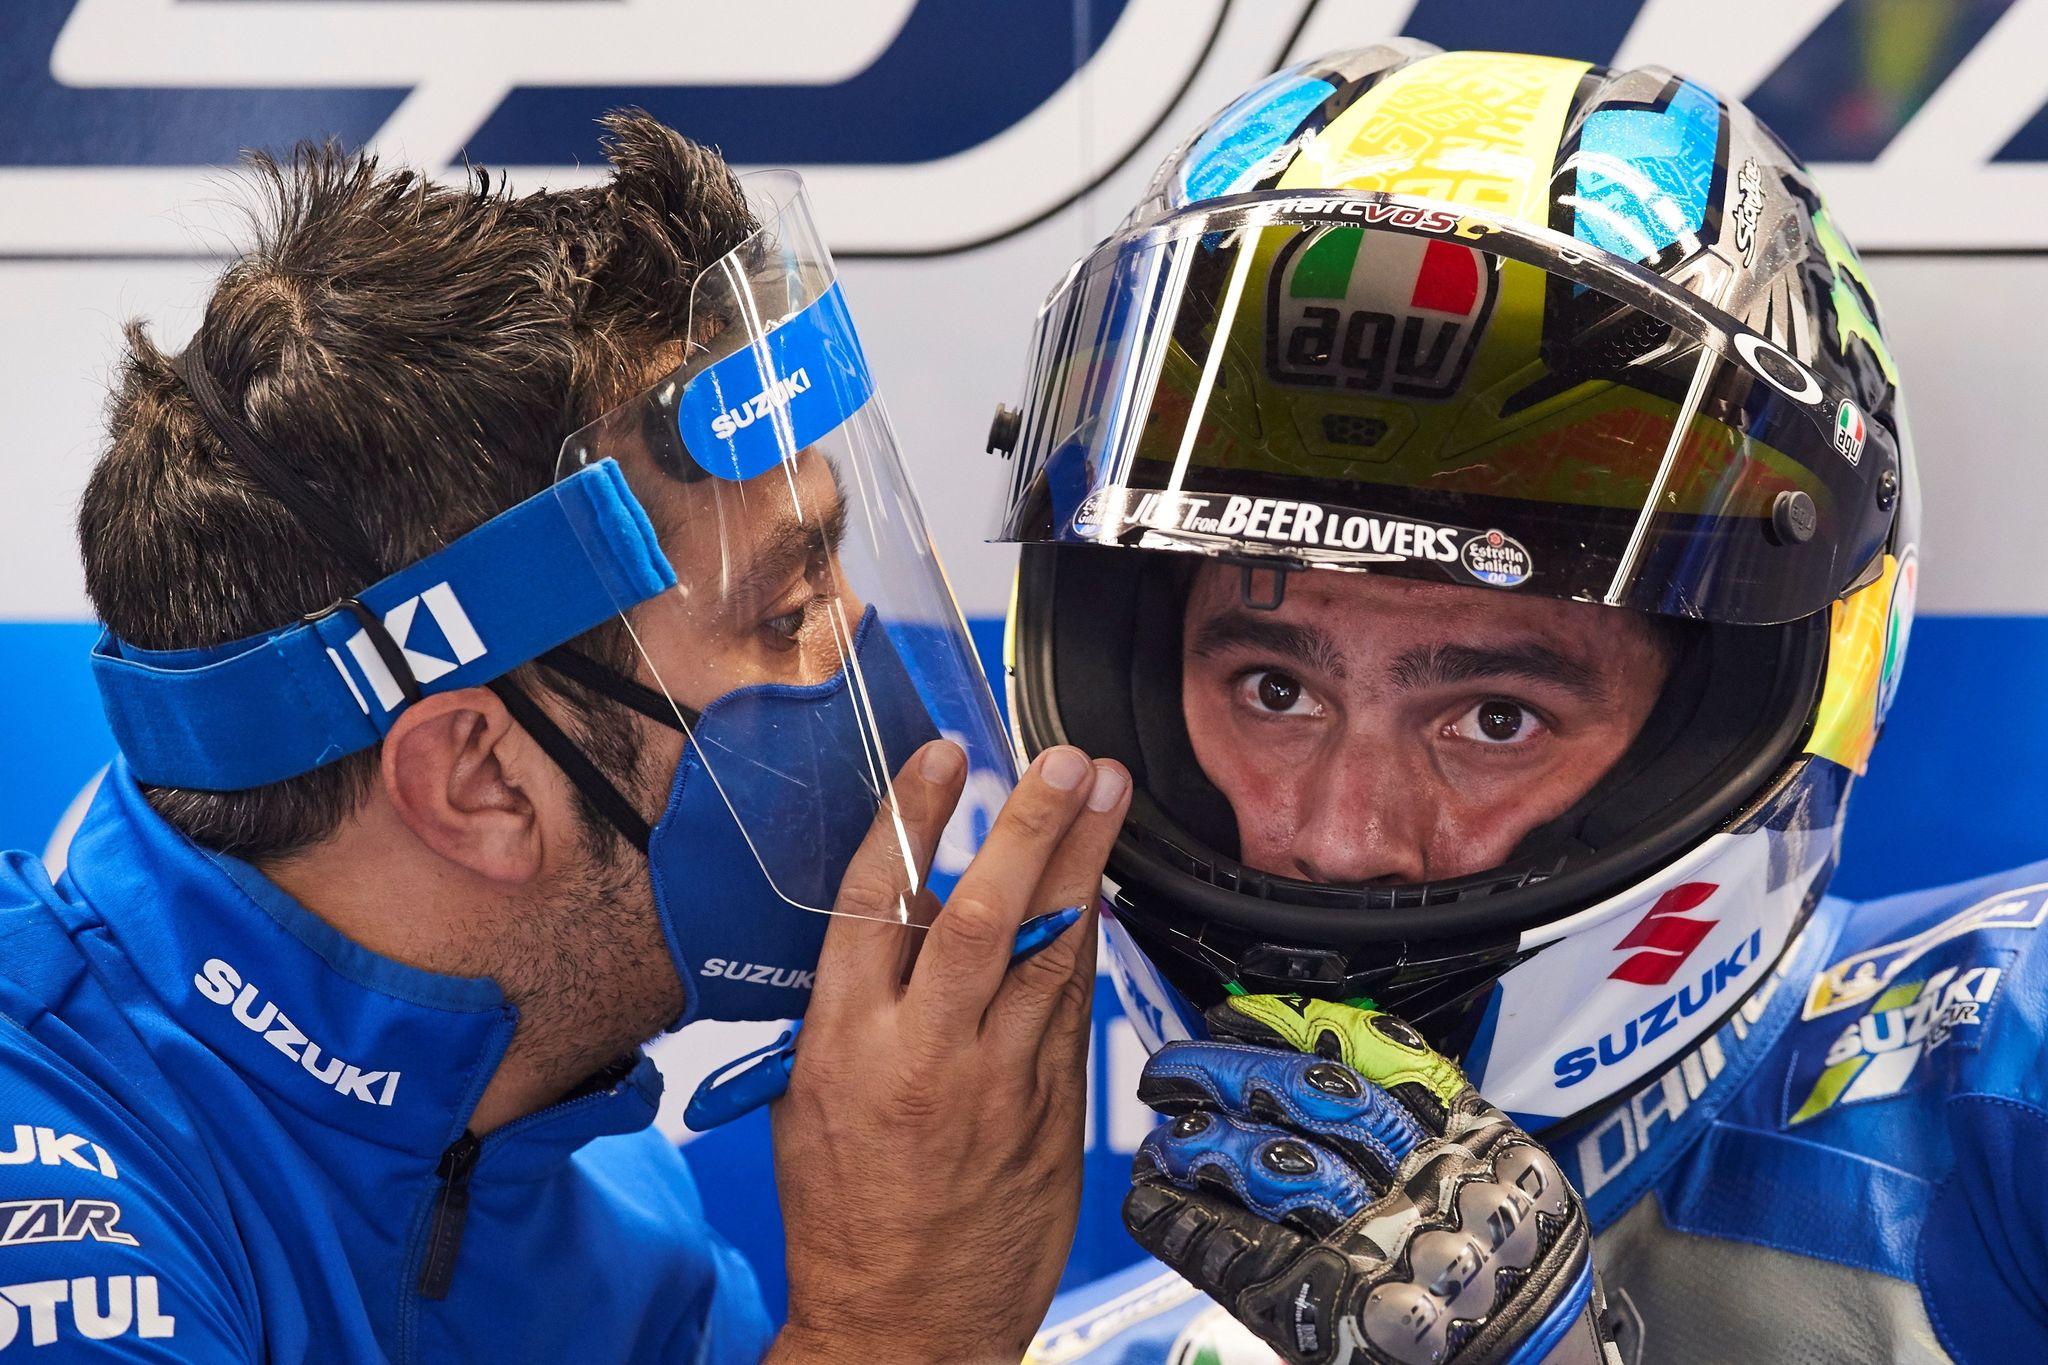 GRAFCAT1920. MONTMELÓ (BARCELONA), 25/09/2020.- El piloto español del equipo Team Suzuki Ecstar lt;HIT gt;Joan lt;/HIT gt; lt;HIT gt;Mir lt;/HIT gt; en el box durante la segunda sesión de entrenamientos libres del Gran Premio de Cataluña de Moto GP que se celebra en el circuito de Barcelona en Montmeló (Barcelona). EFE/Alejandro García